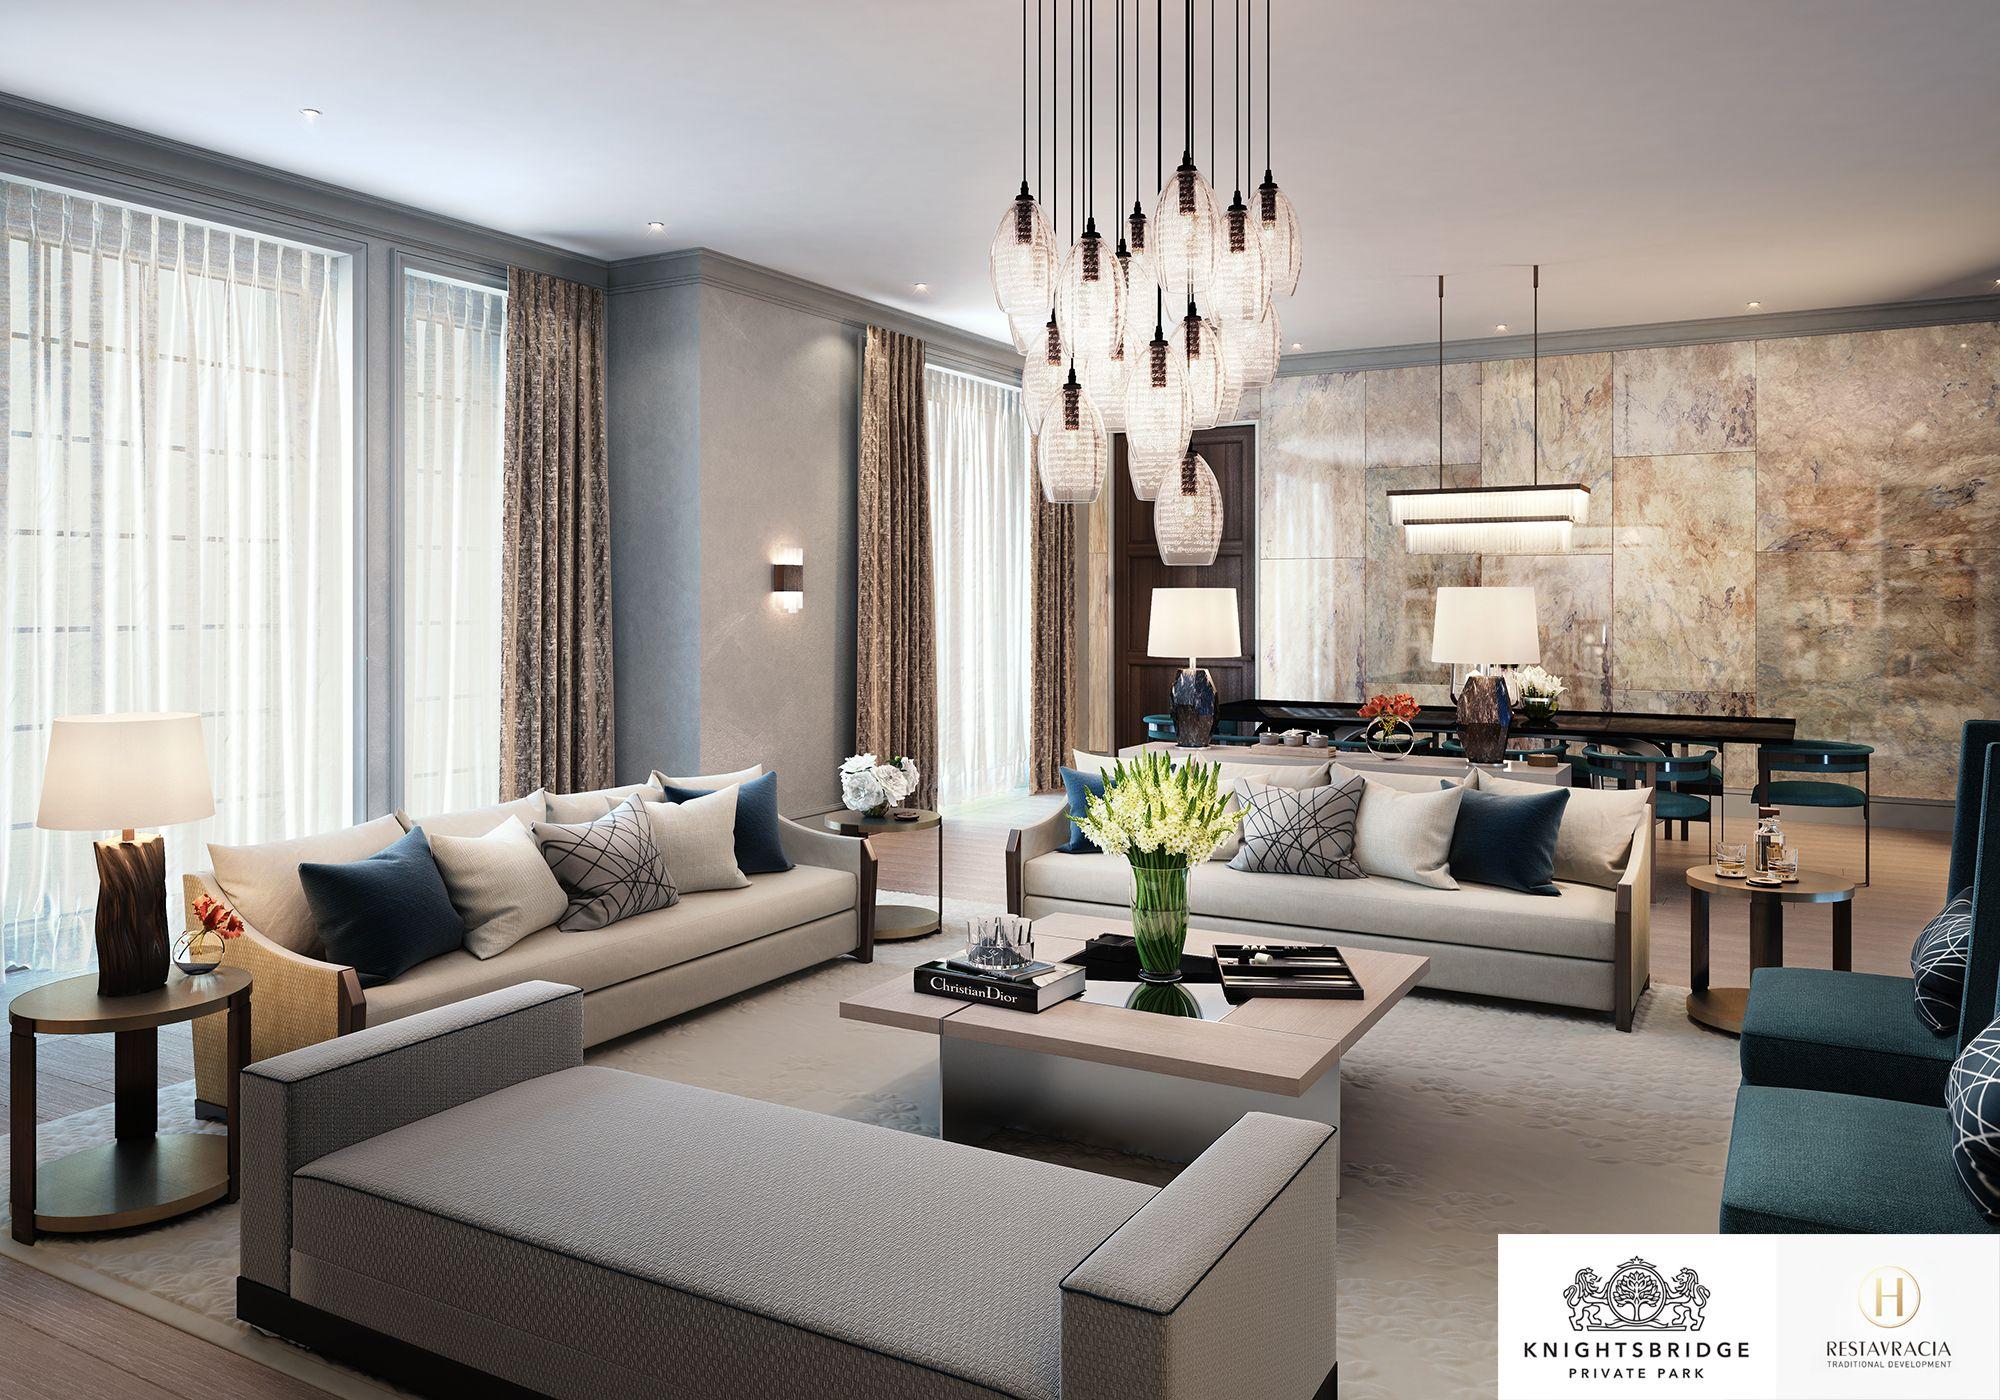 Interior Design Focus - Knightsbridge Private Park, Moscow ...